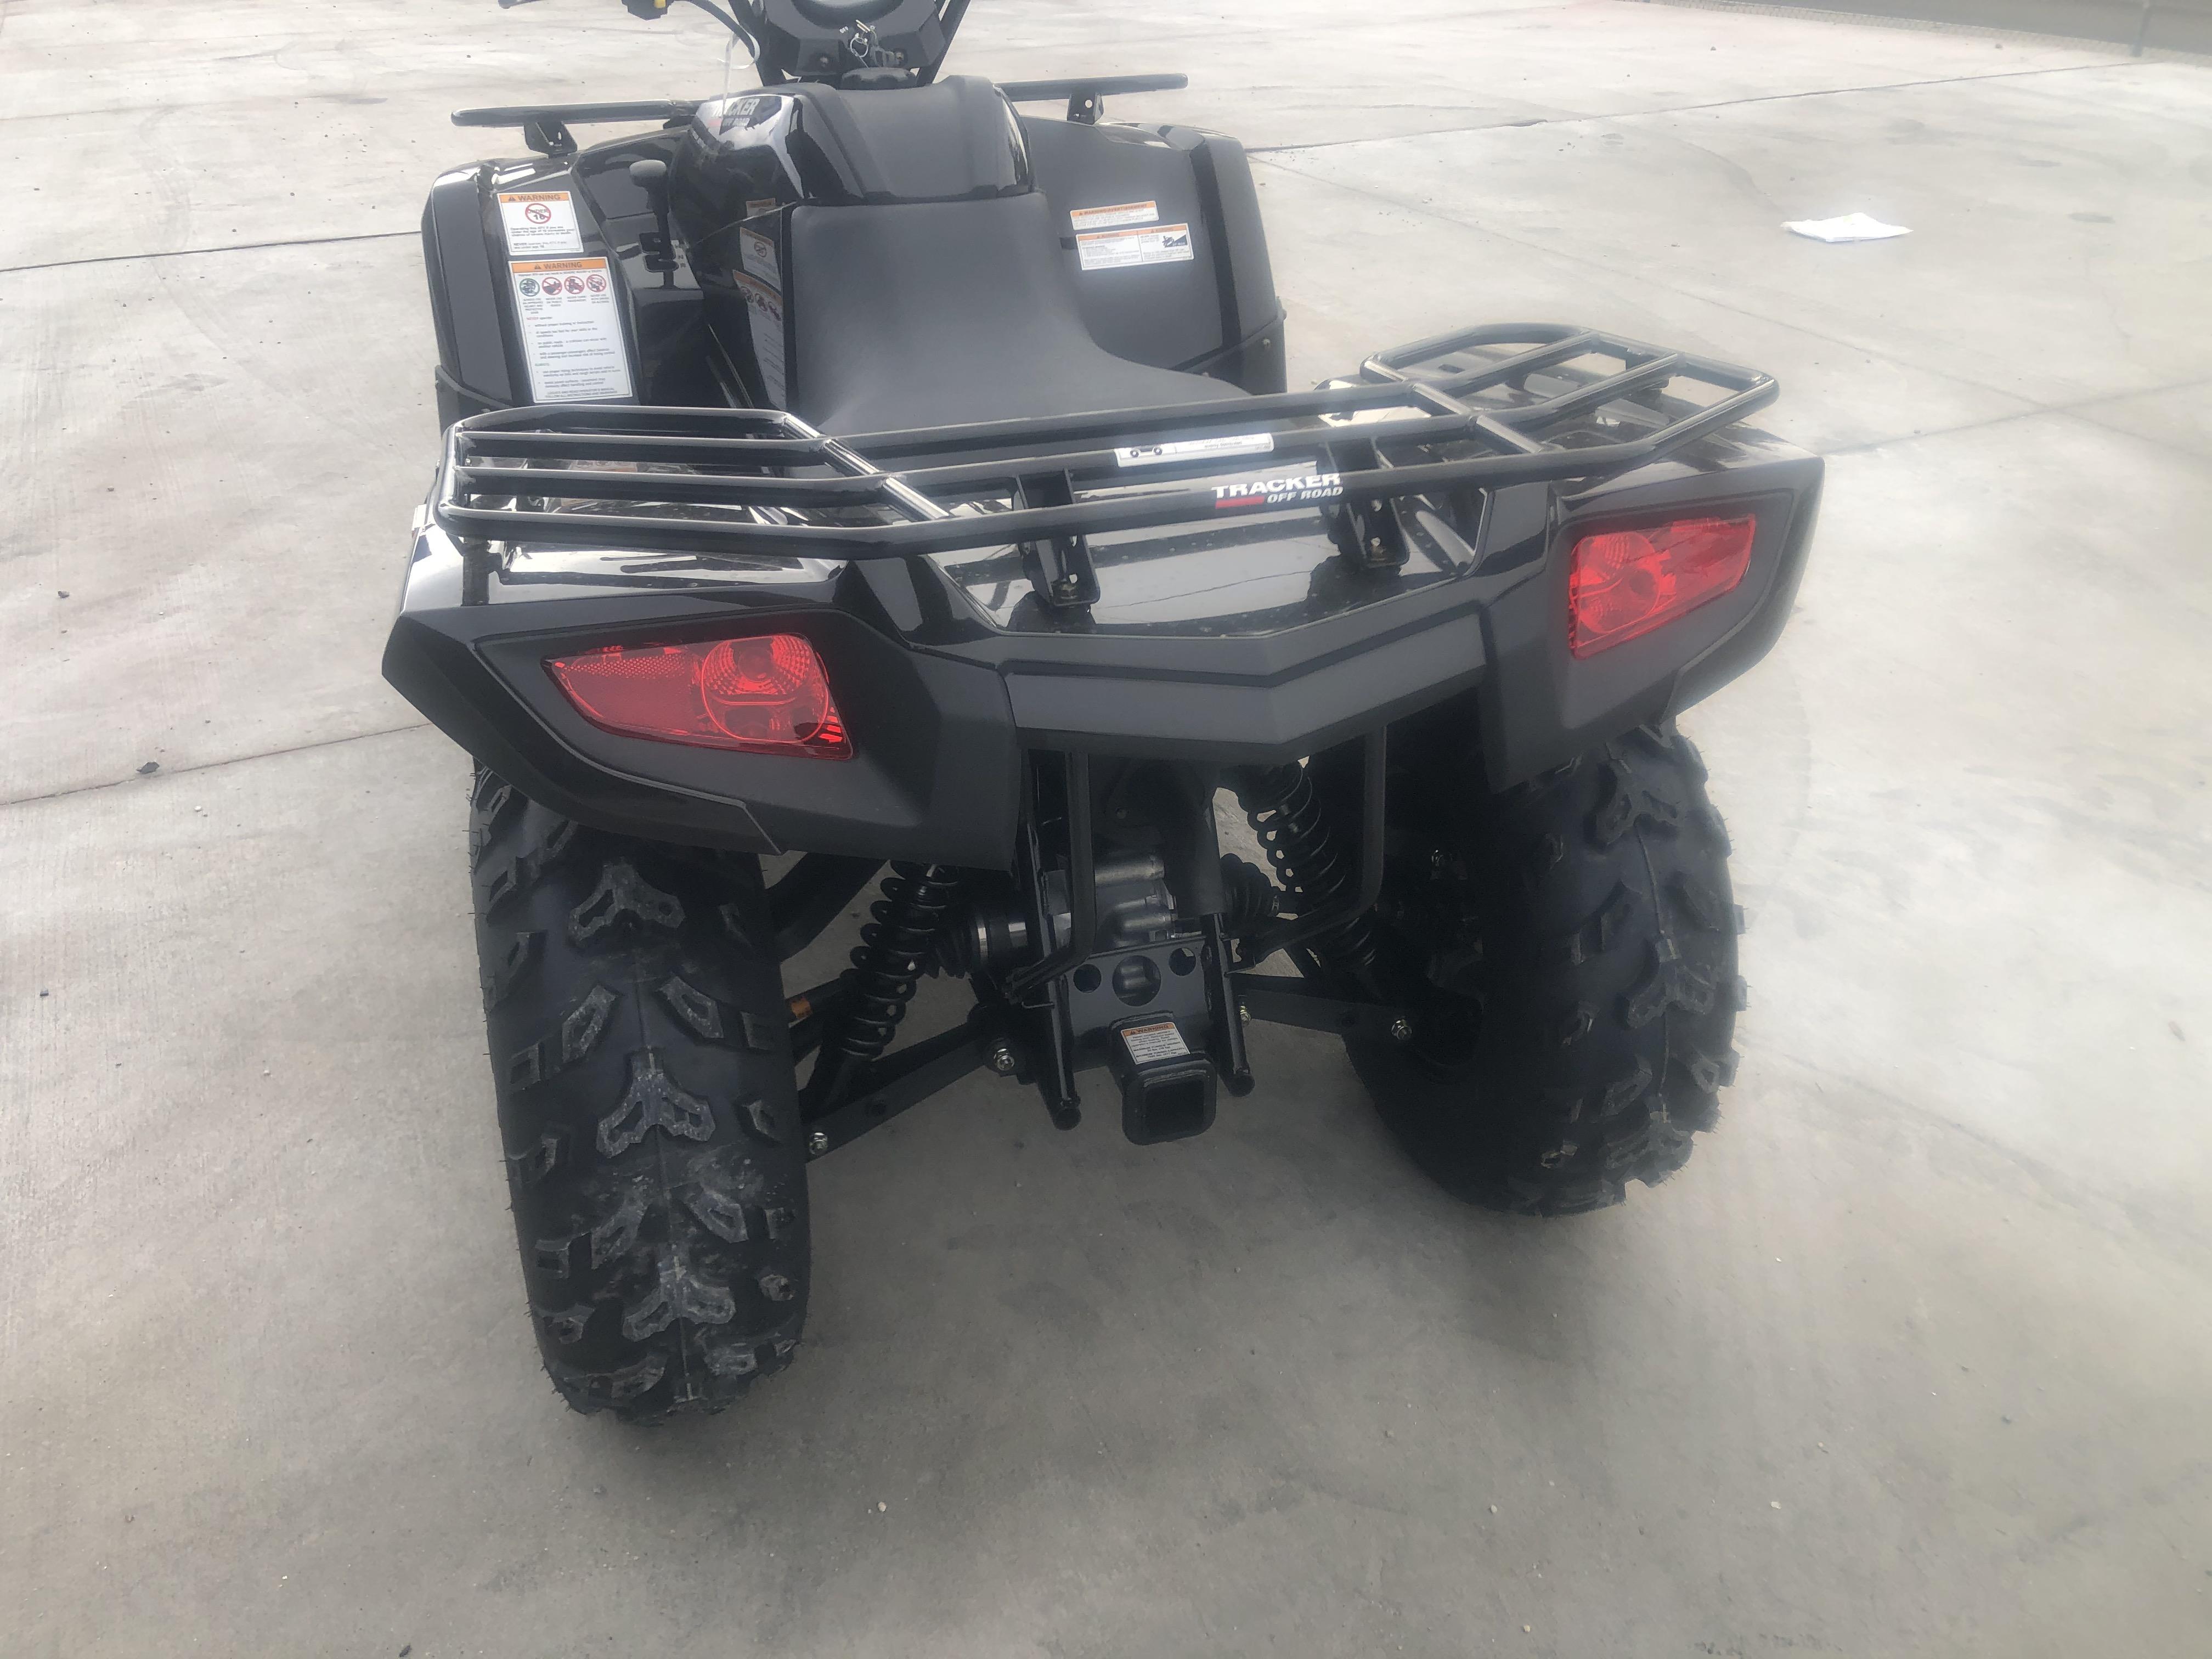 New  2021 Tracker Off Road ATV ATV in Marrero, Louisiana